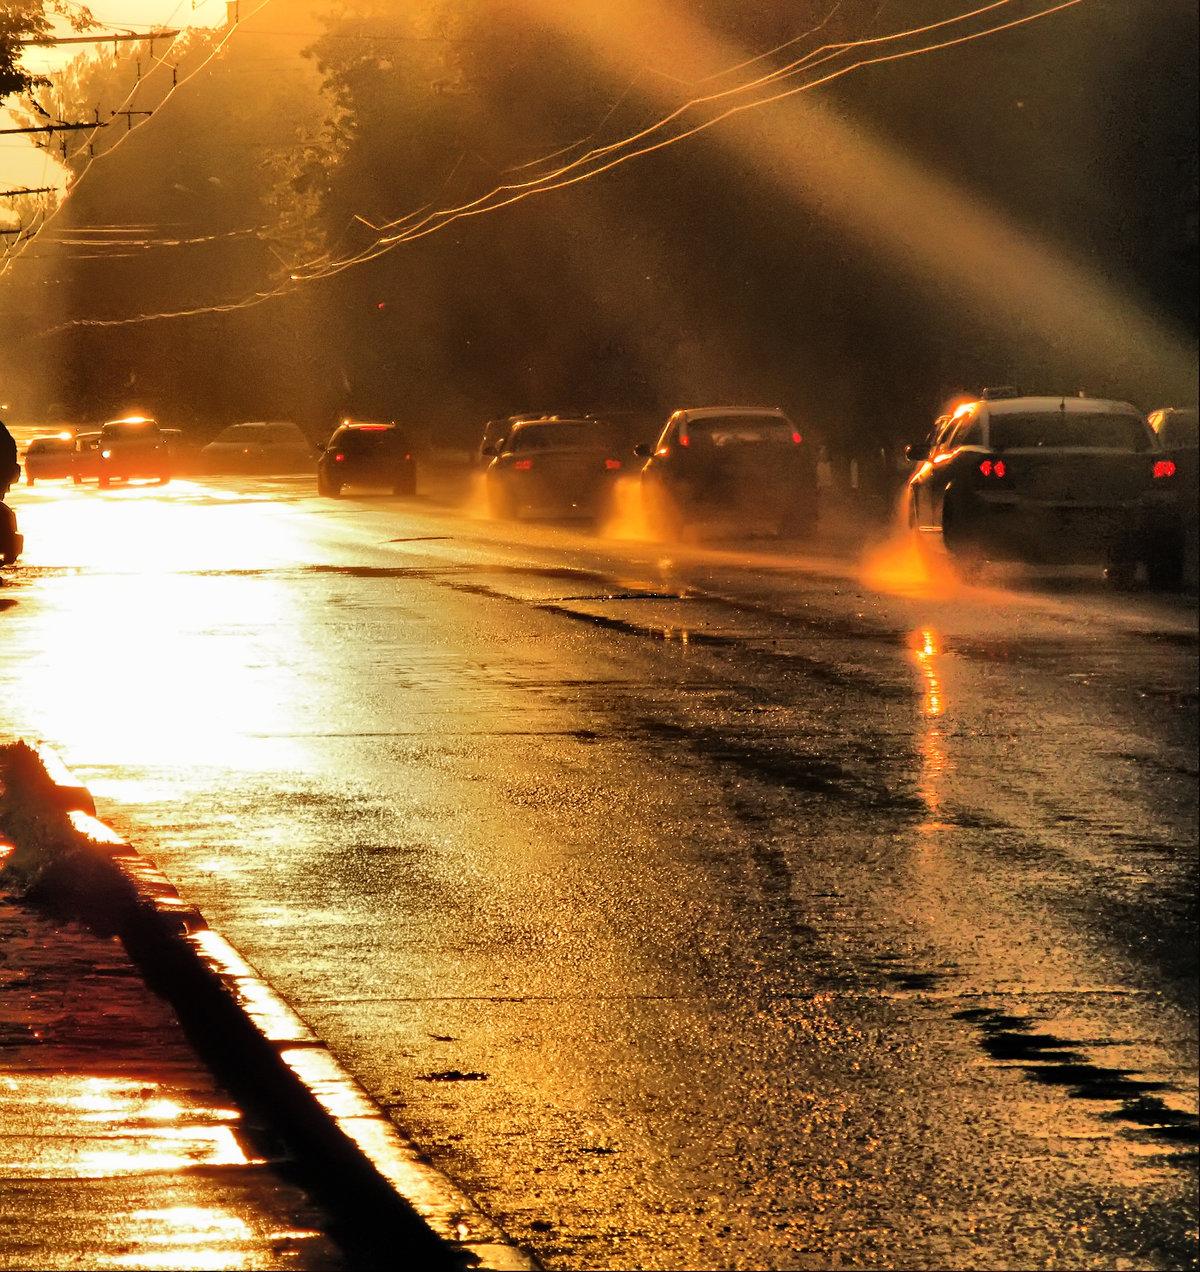 окончанию съемок дождь на дороге картинка для школа